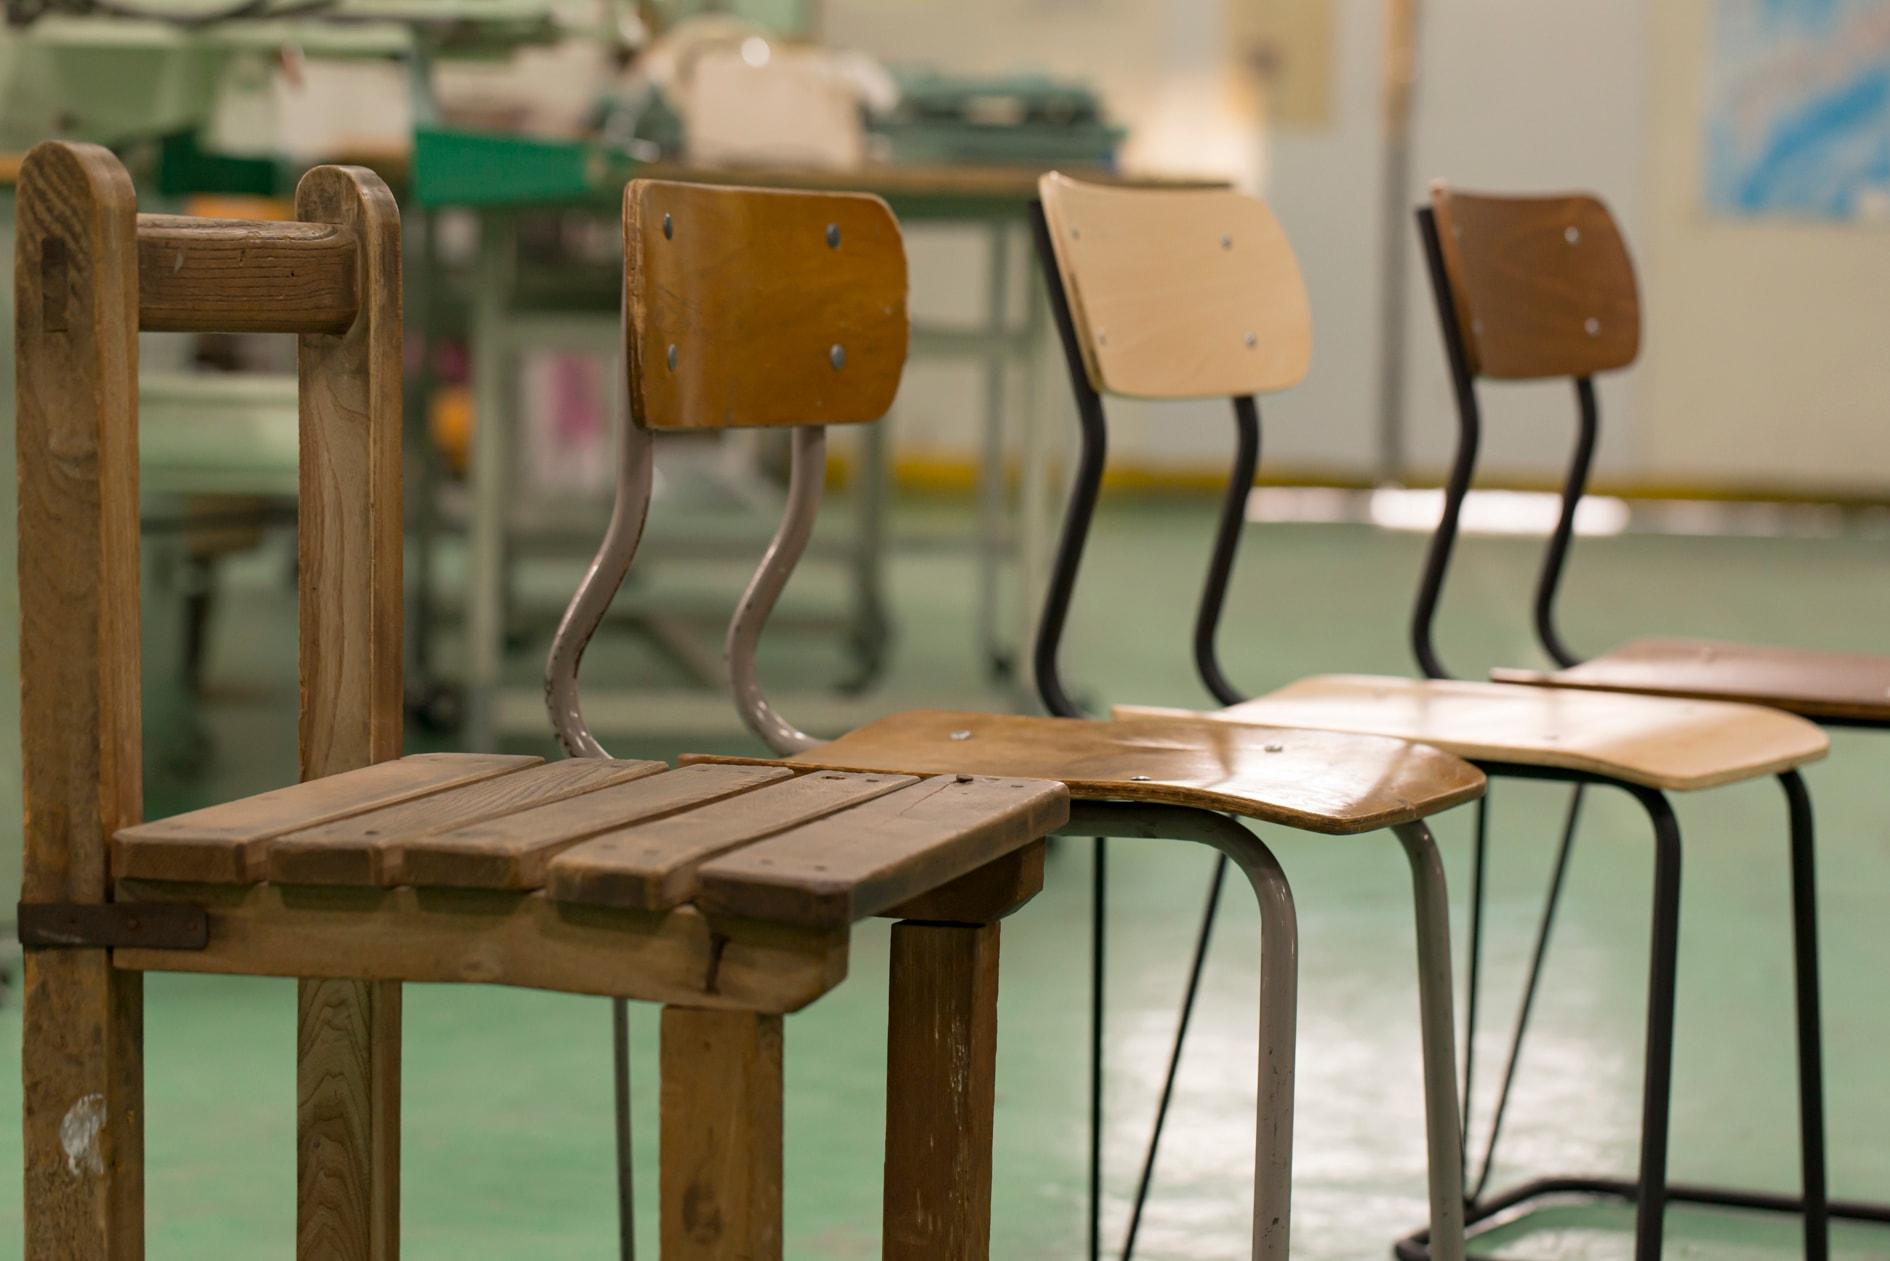 株式会社イチムラの北海道江別工場にある学校の教室で使われる椅子4脚,レトロな椅子